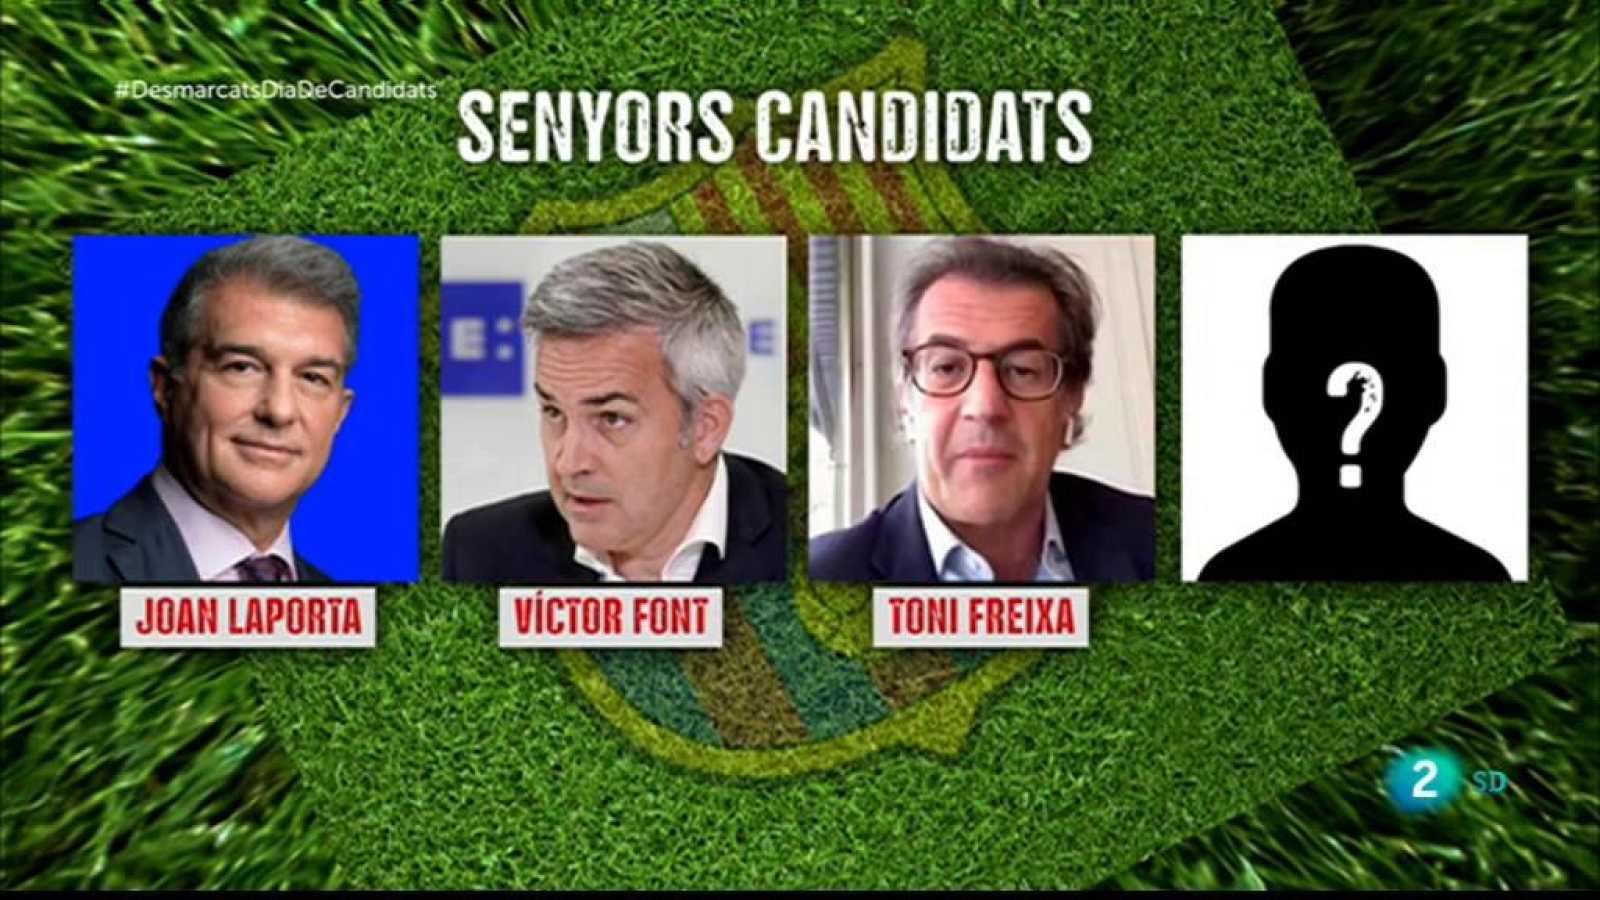 Desmarcats - Tertúlia Esportiva. Dia de candidats a presidir el Barça